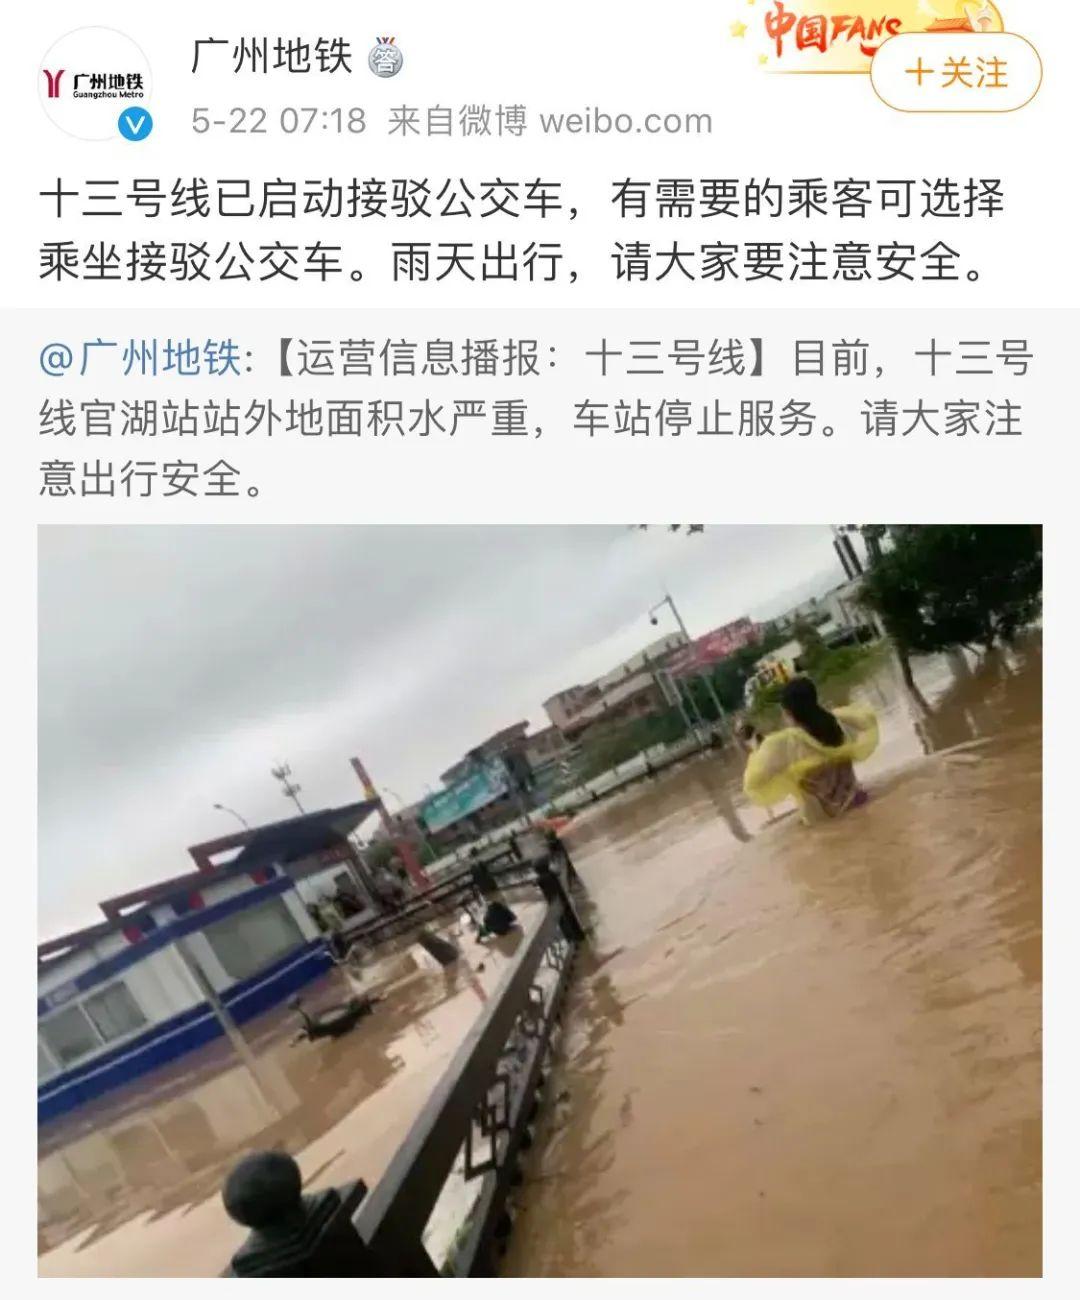 广州暴雨致地铁13号线停运!黄埔区、增城区停课!